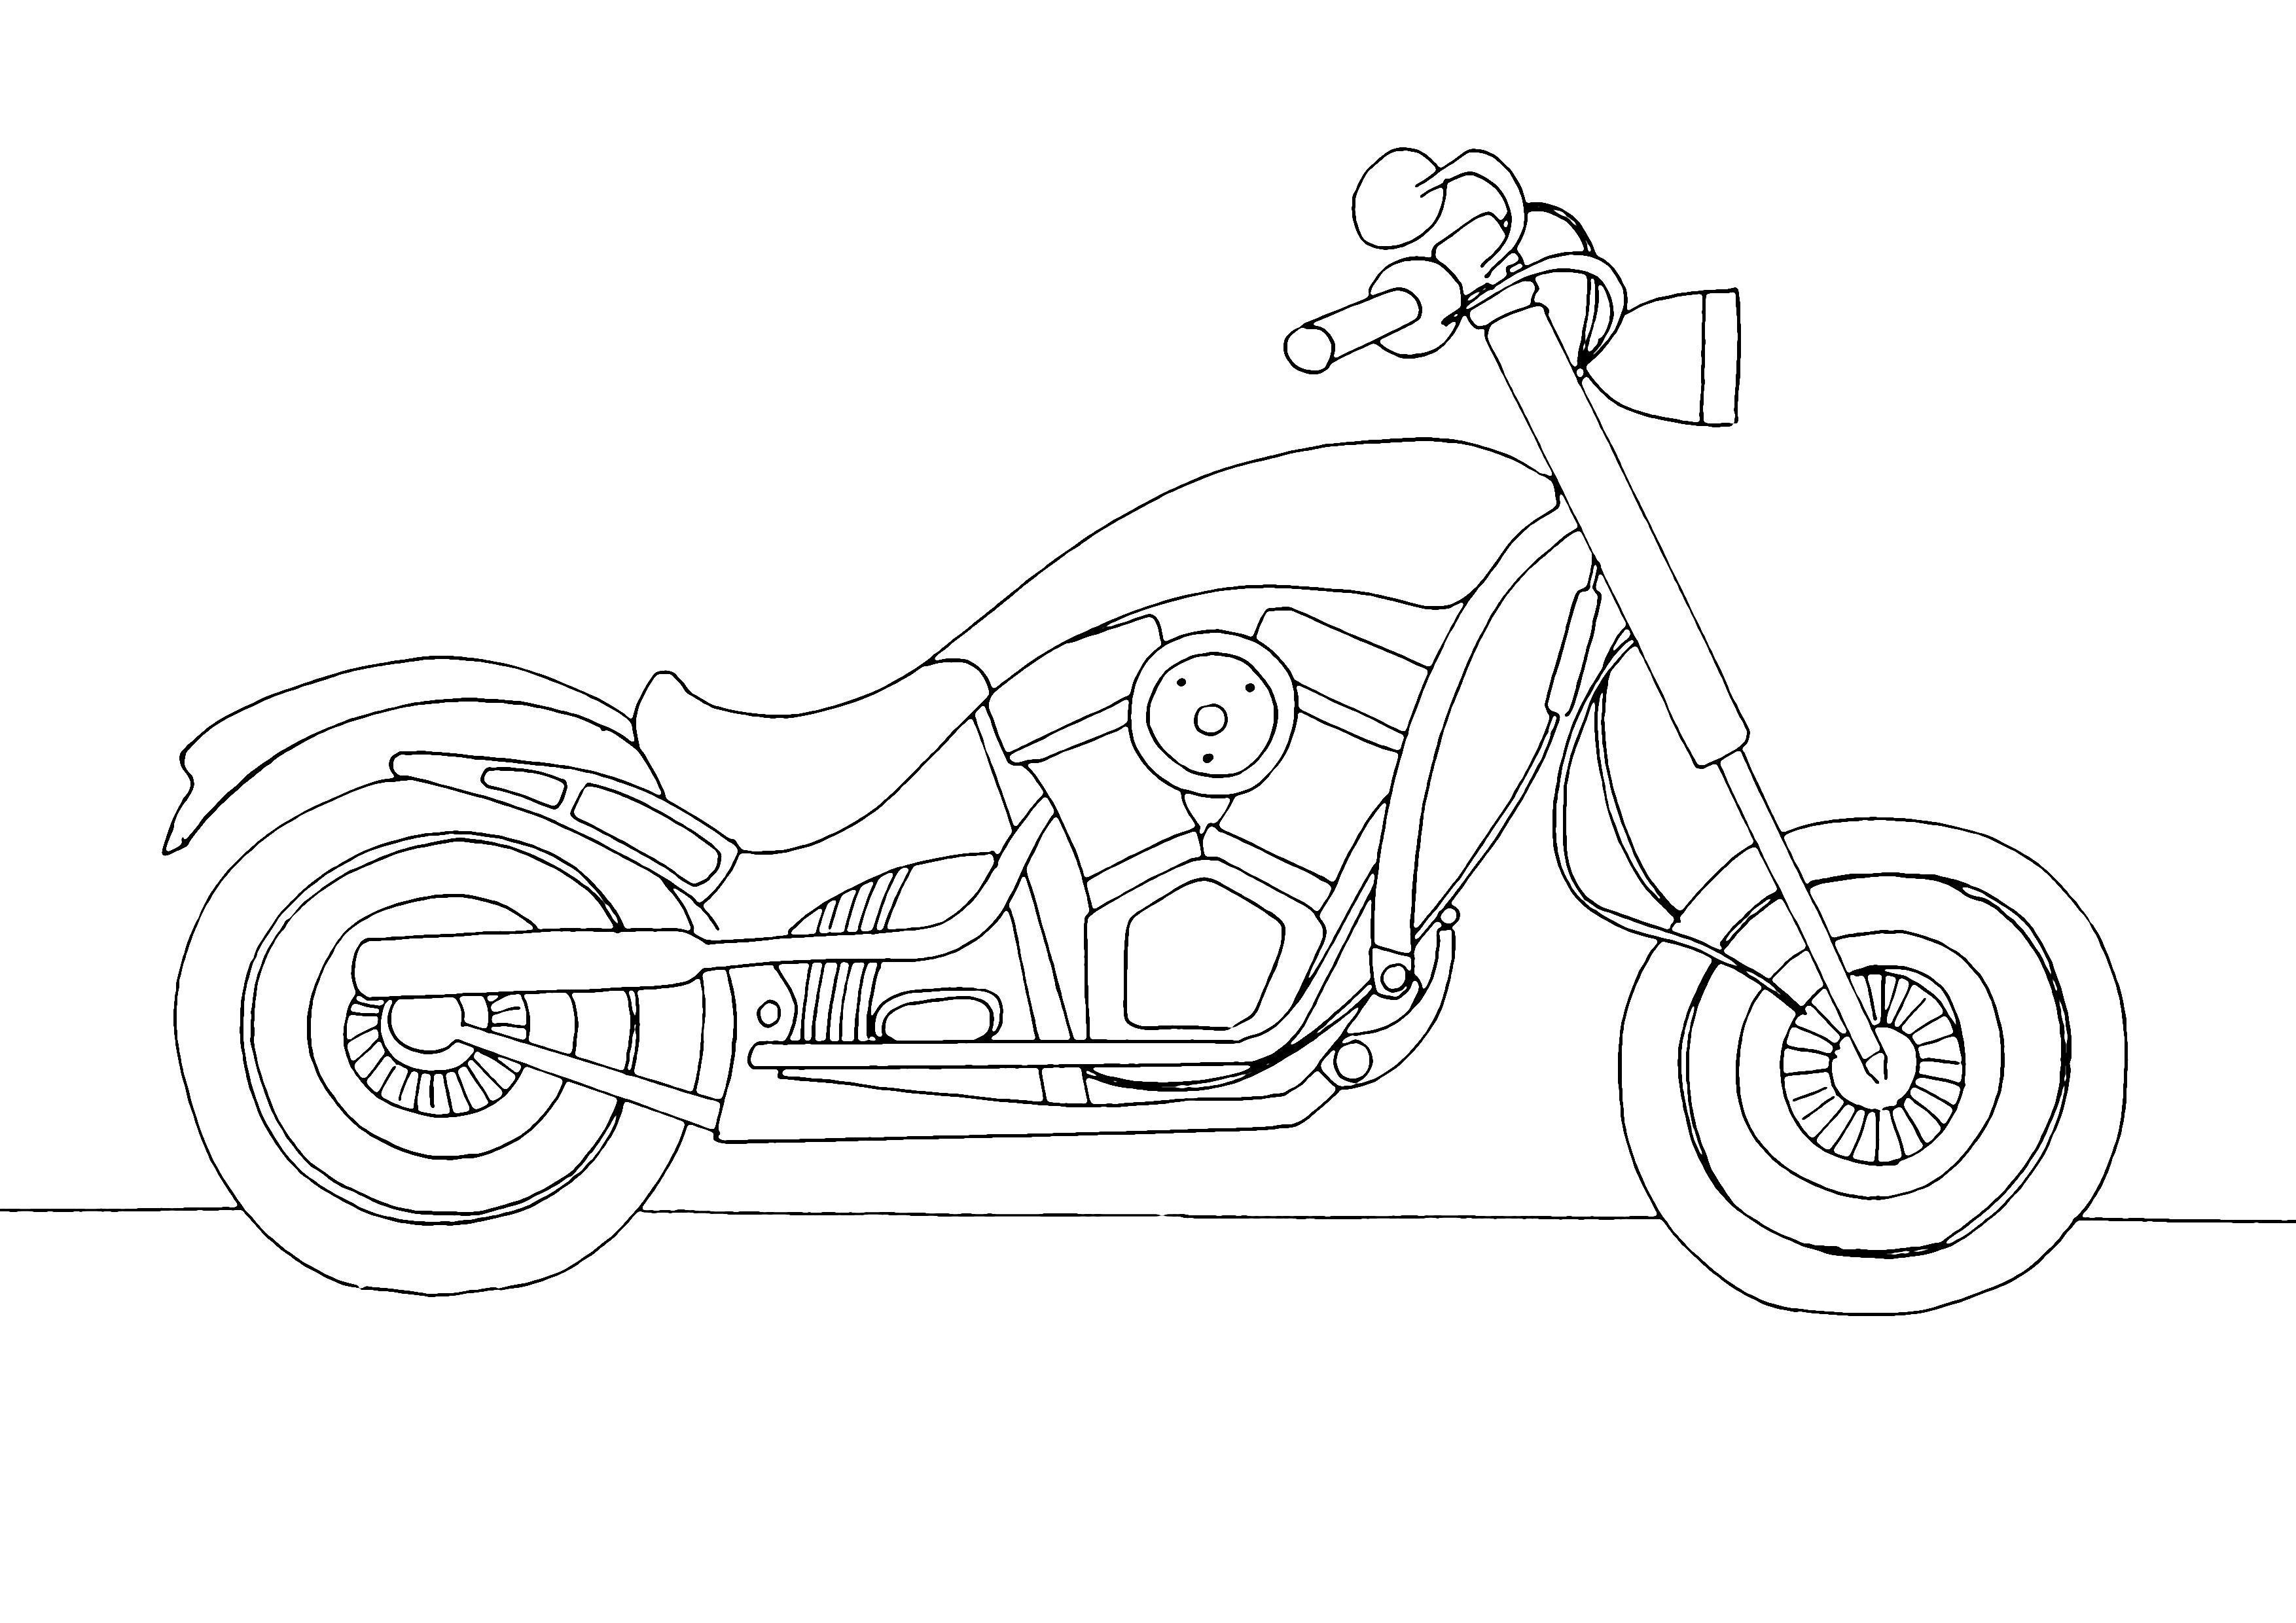 Раскраска мотоцикл Распечатать раскраски для мальчиков